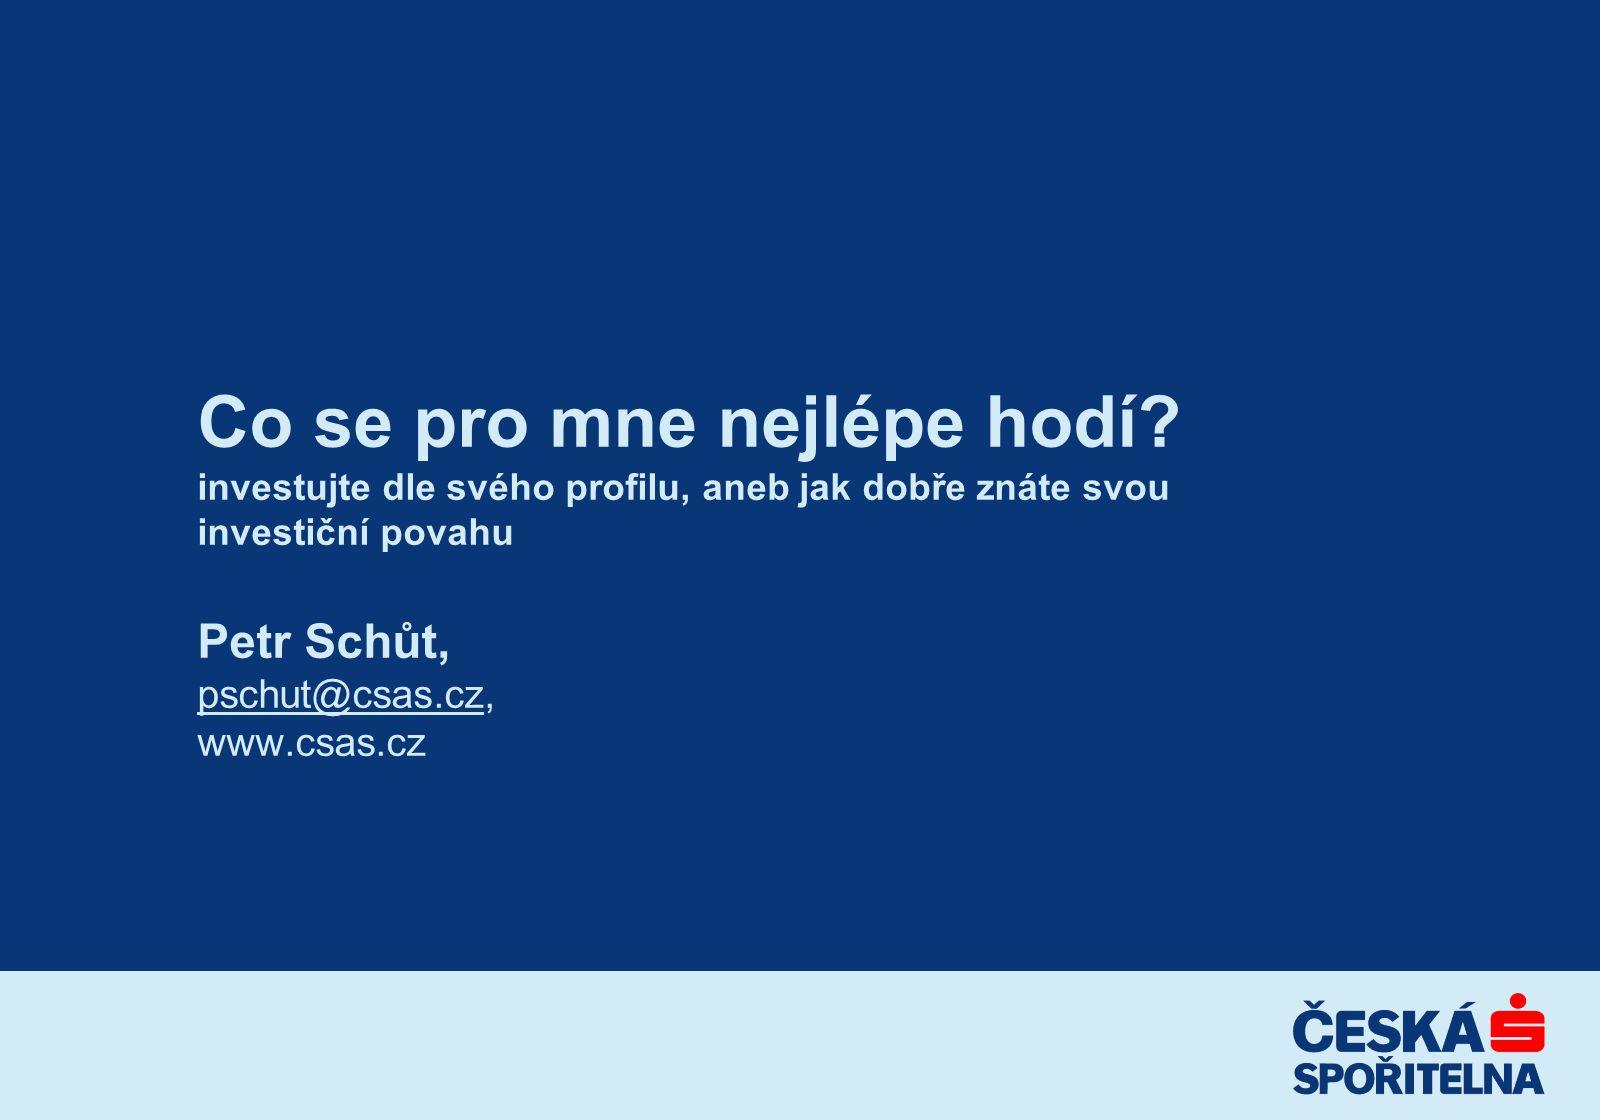 Co se pro mne nejlépe hodí? investujte dle svého profilu, aneb jak dobře znáte svou investiční povahu Petr Schůt, pschut@csas.cz, www.csas.cz pschut@c